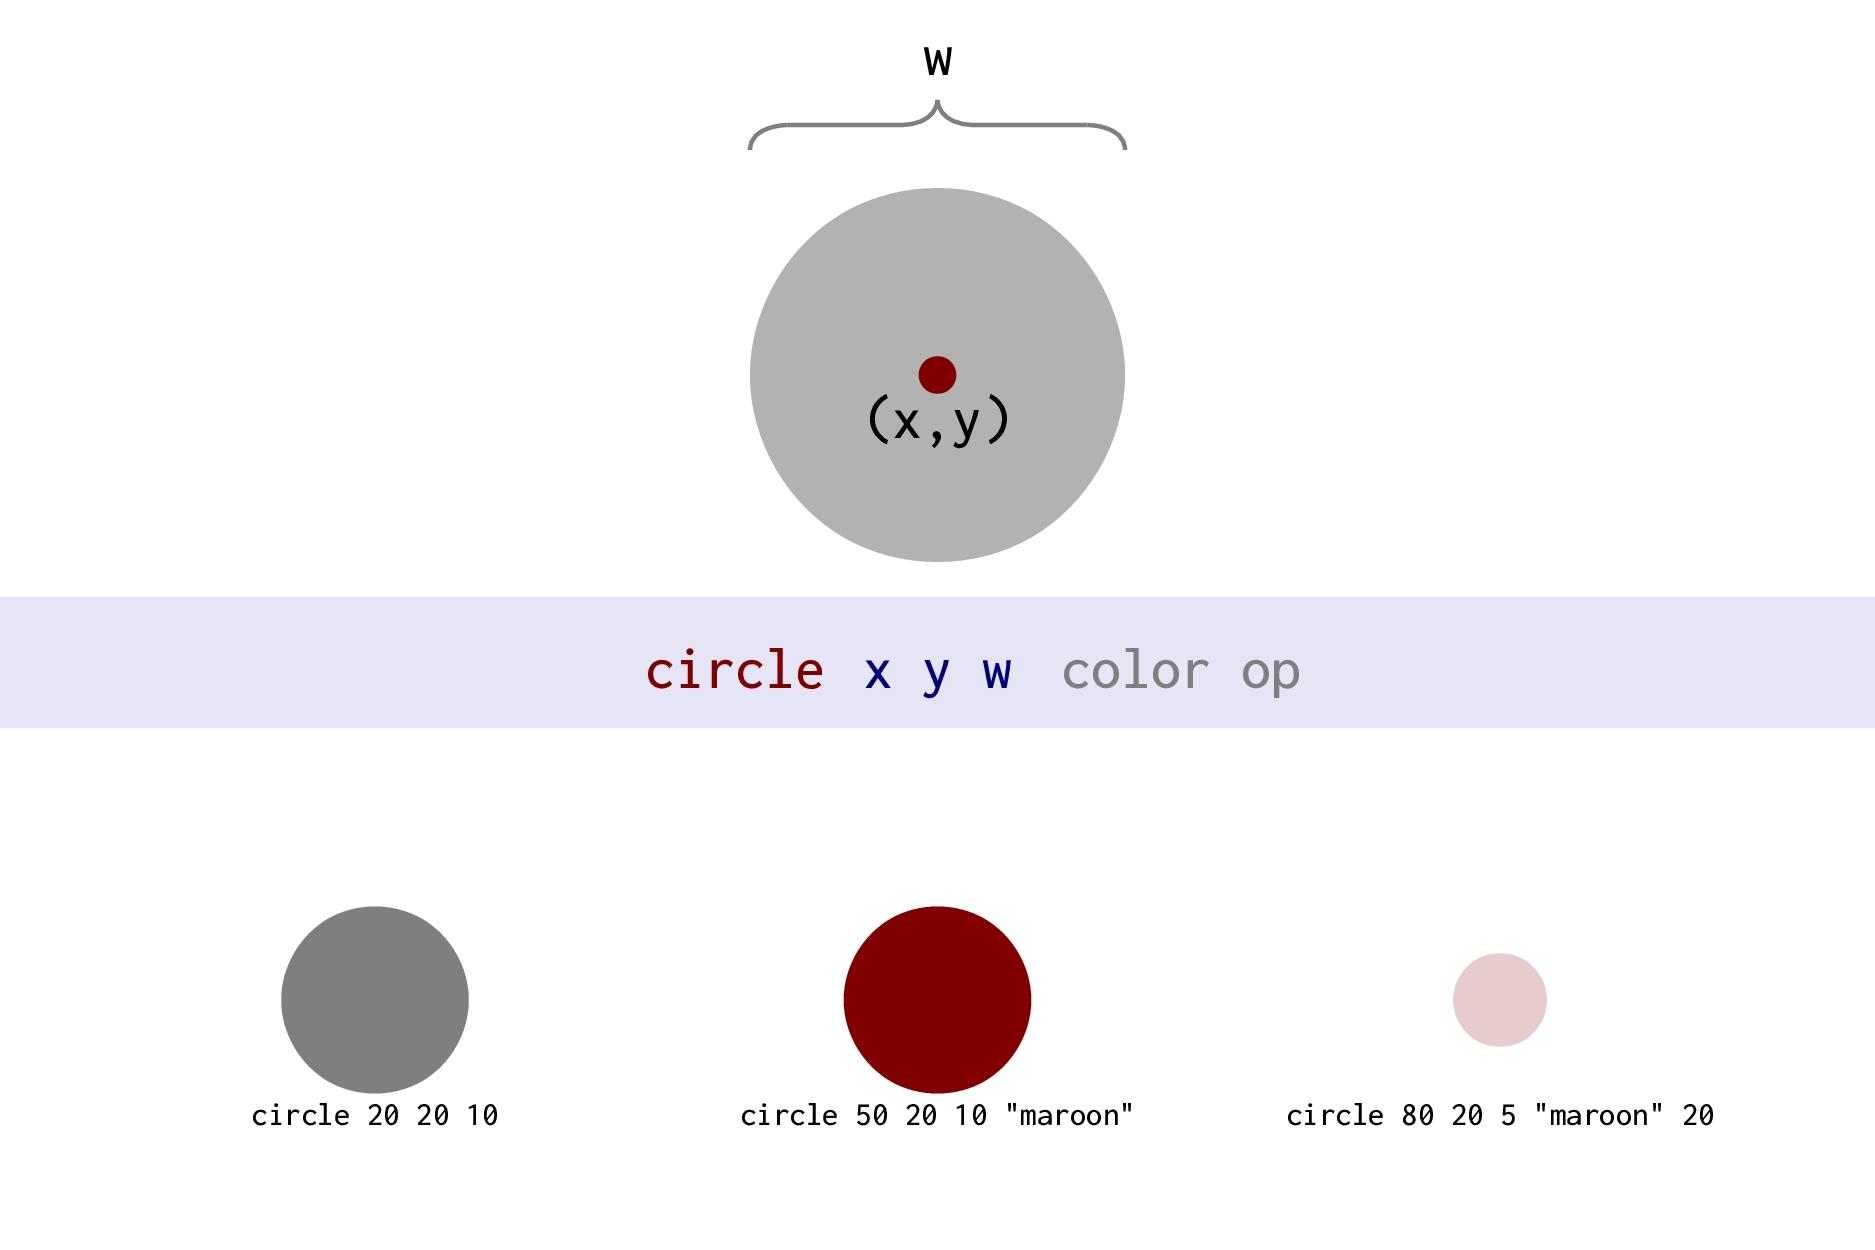 arrow x1 y1 x2 y2 [lw] [aw] [ah] [color] [op] (...